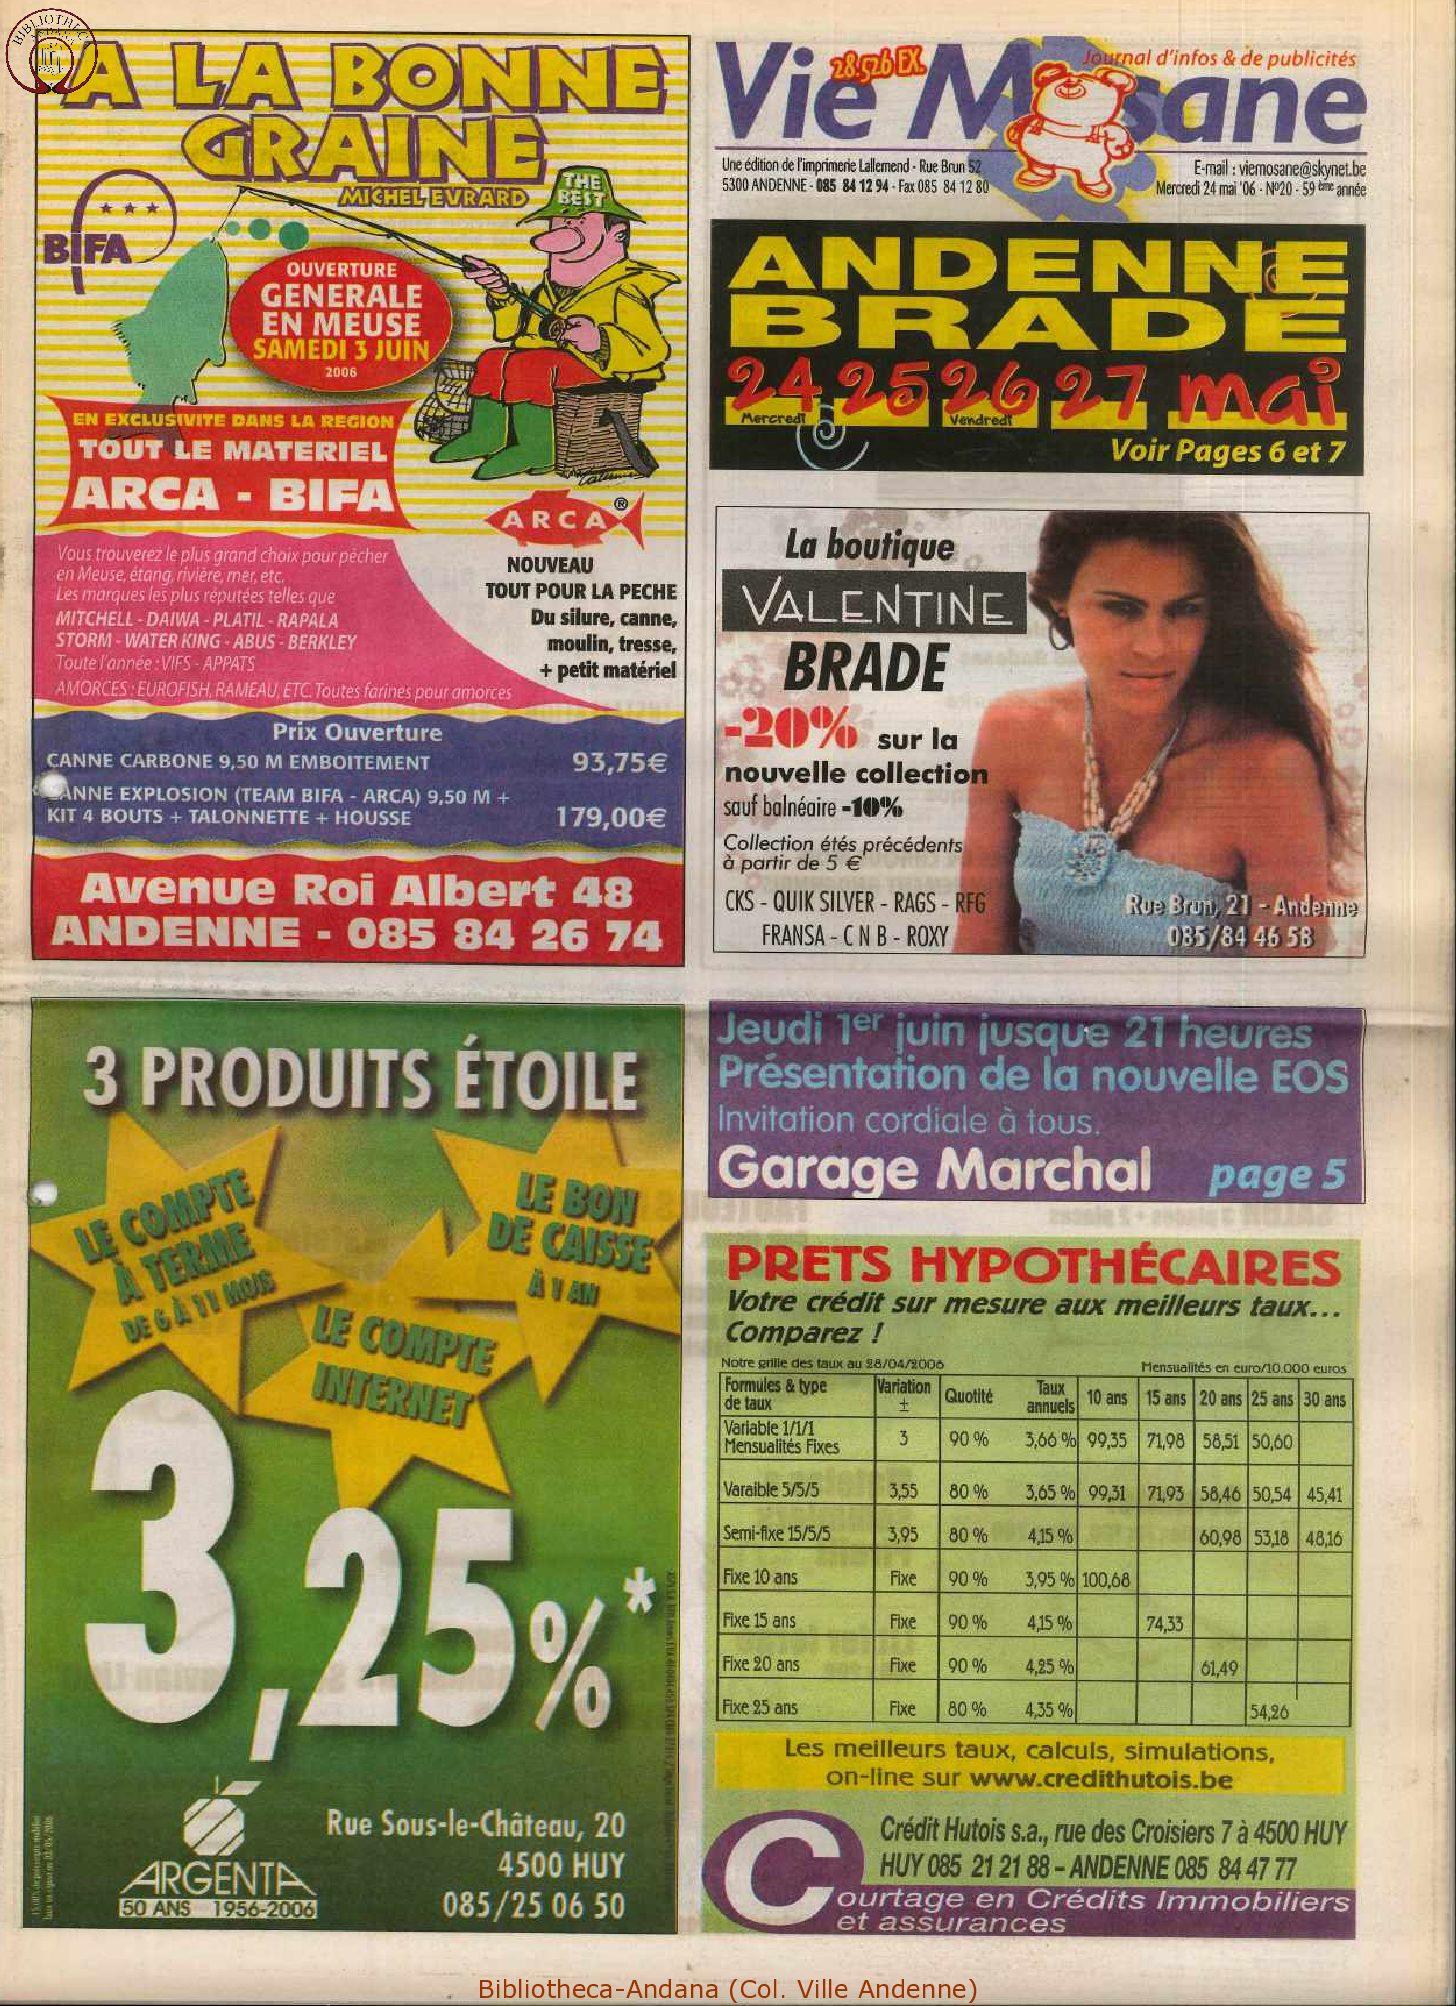 59e année - n°20 - 24 mai 2006